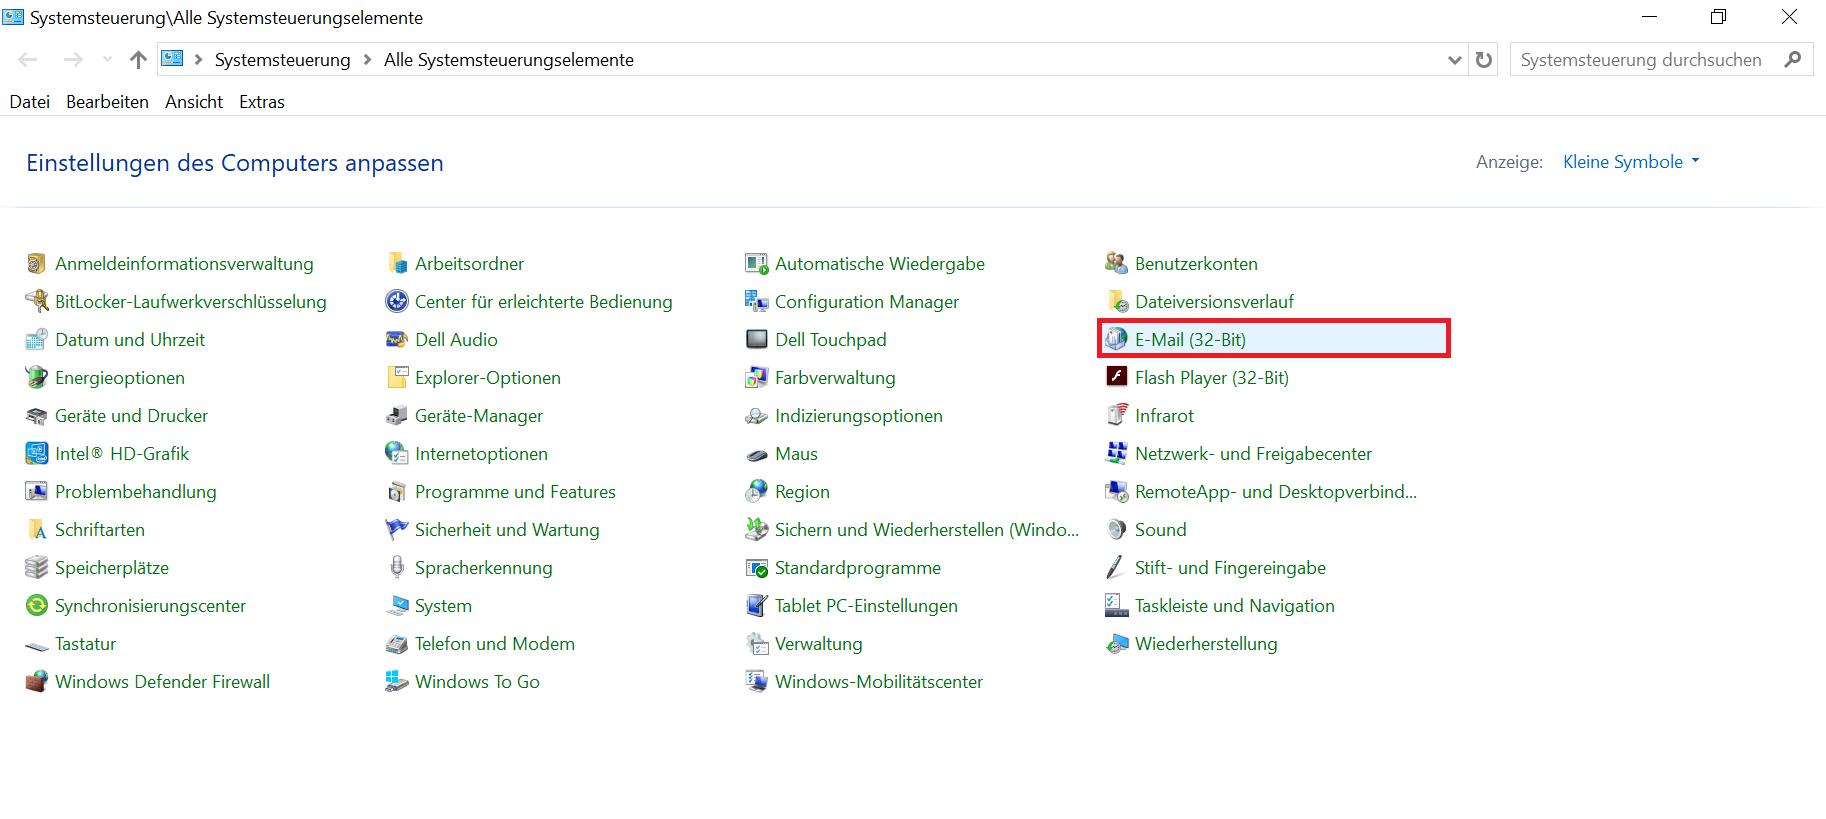 """Das Bild zeigt, dass Sie im Menü der Systemsteuerung auf """"E-Mail (32-Bit)"""" klicken sollen."""